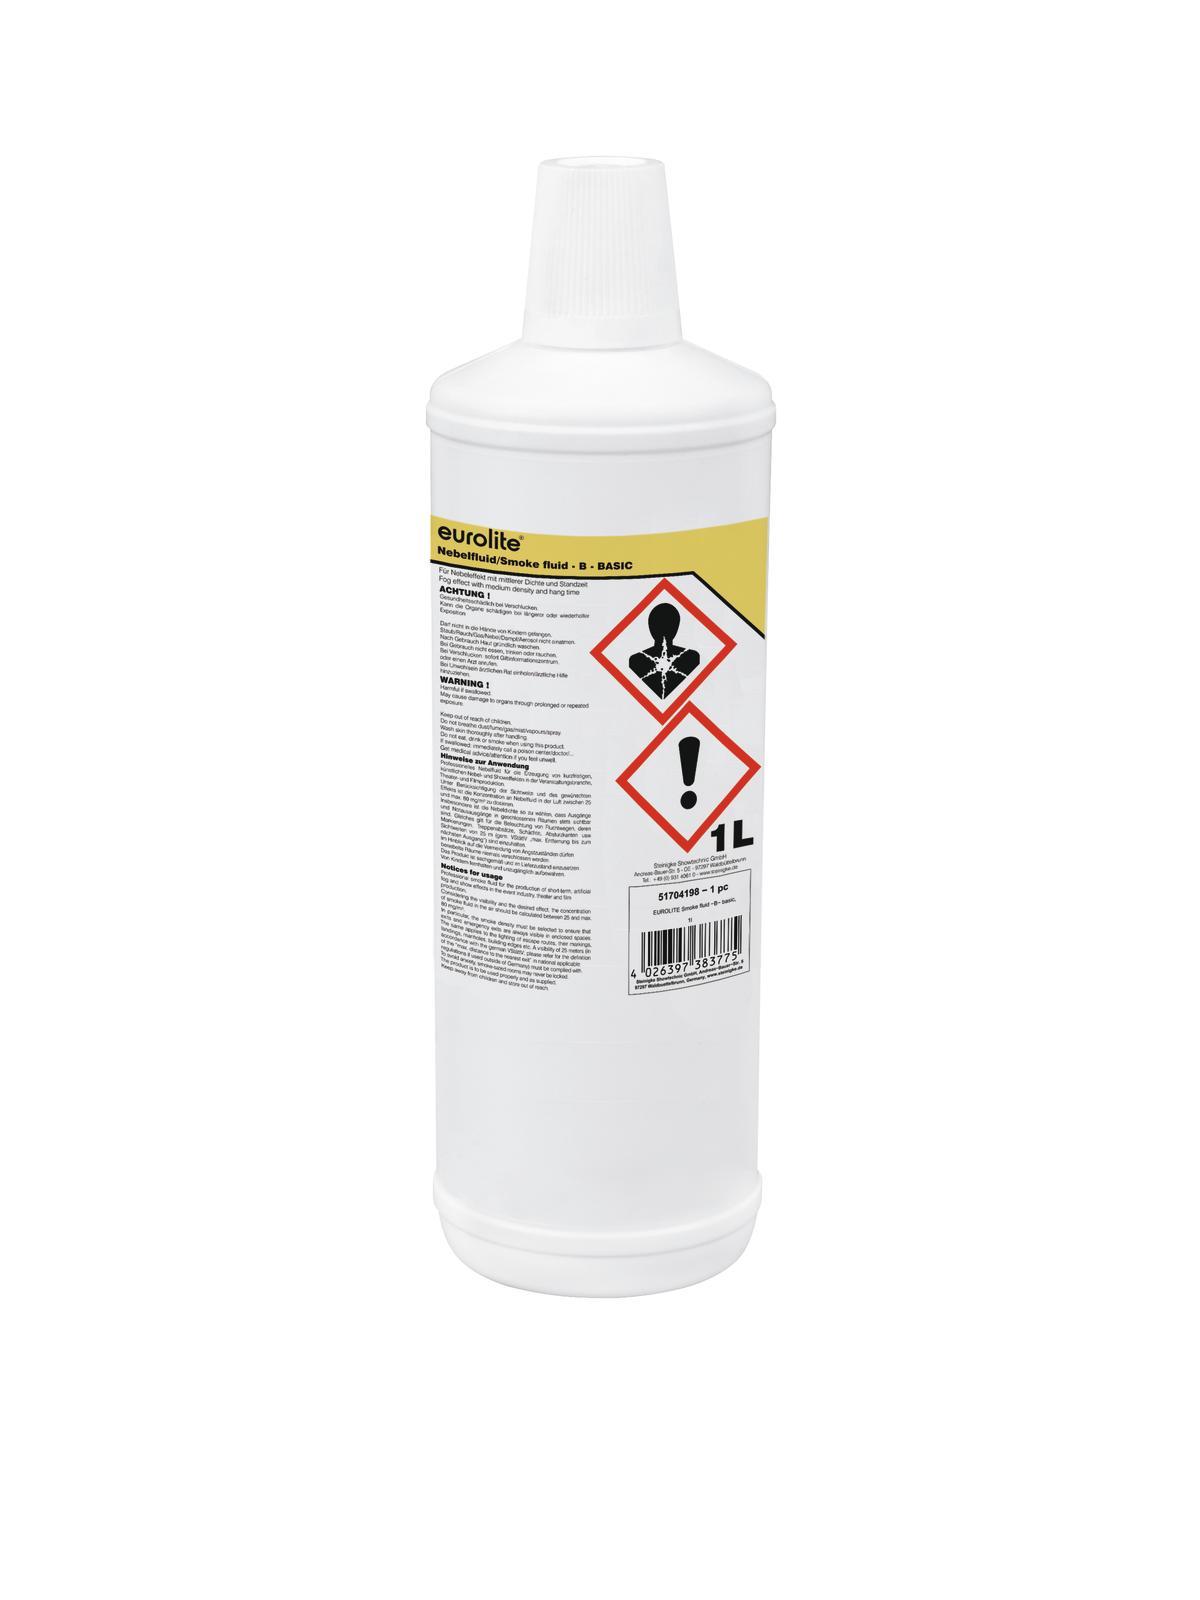 Liquido per macchina del fumo, 1 litro, EUROLITE